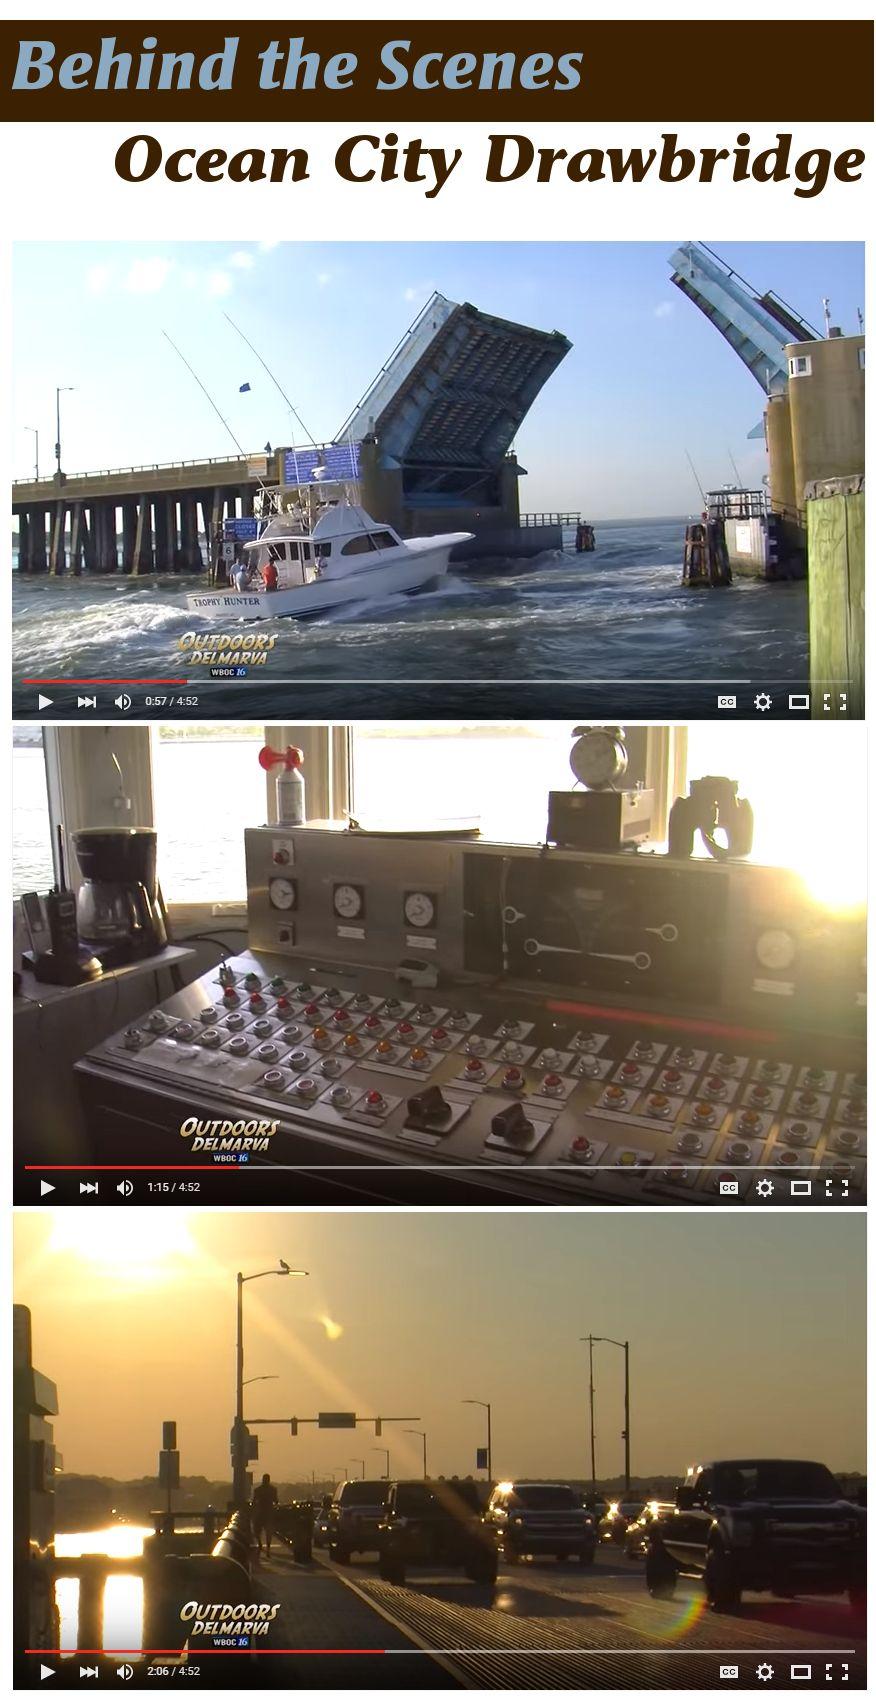 We loved seeing the Ocean City Drawbridge behind the scenes during